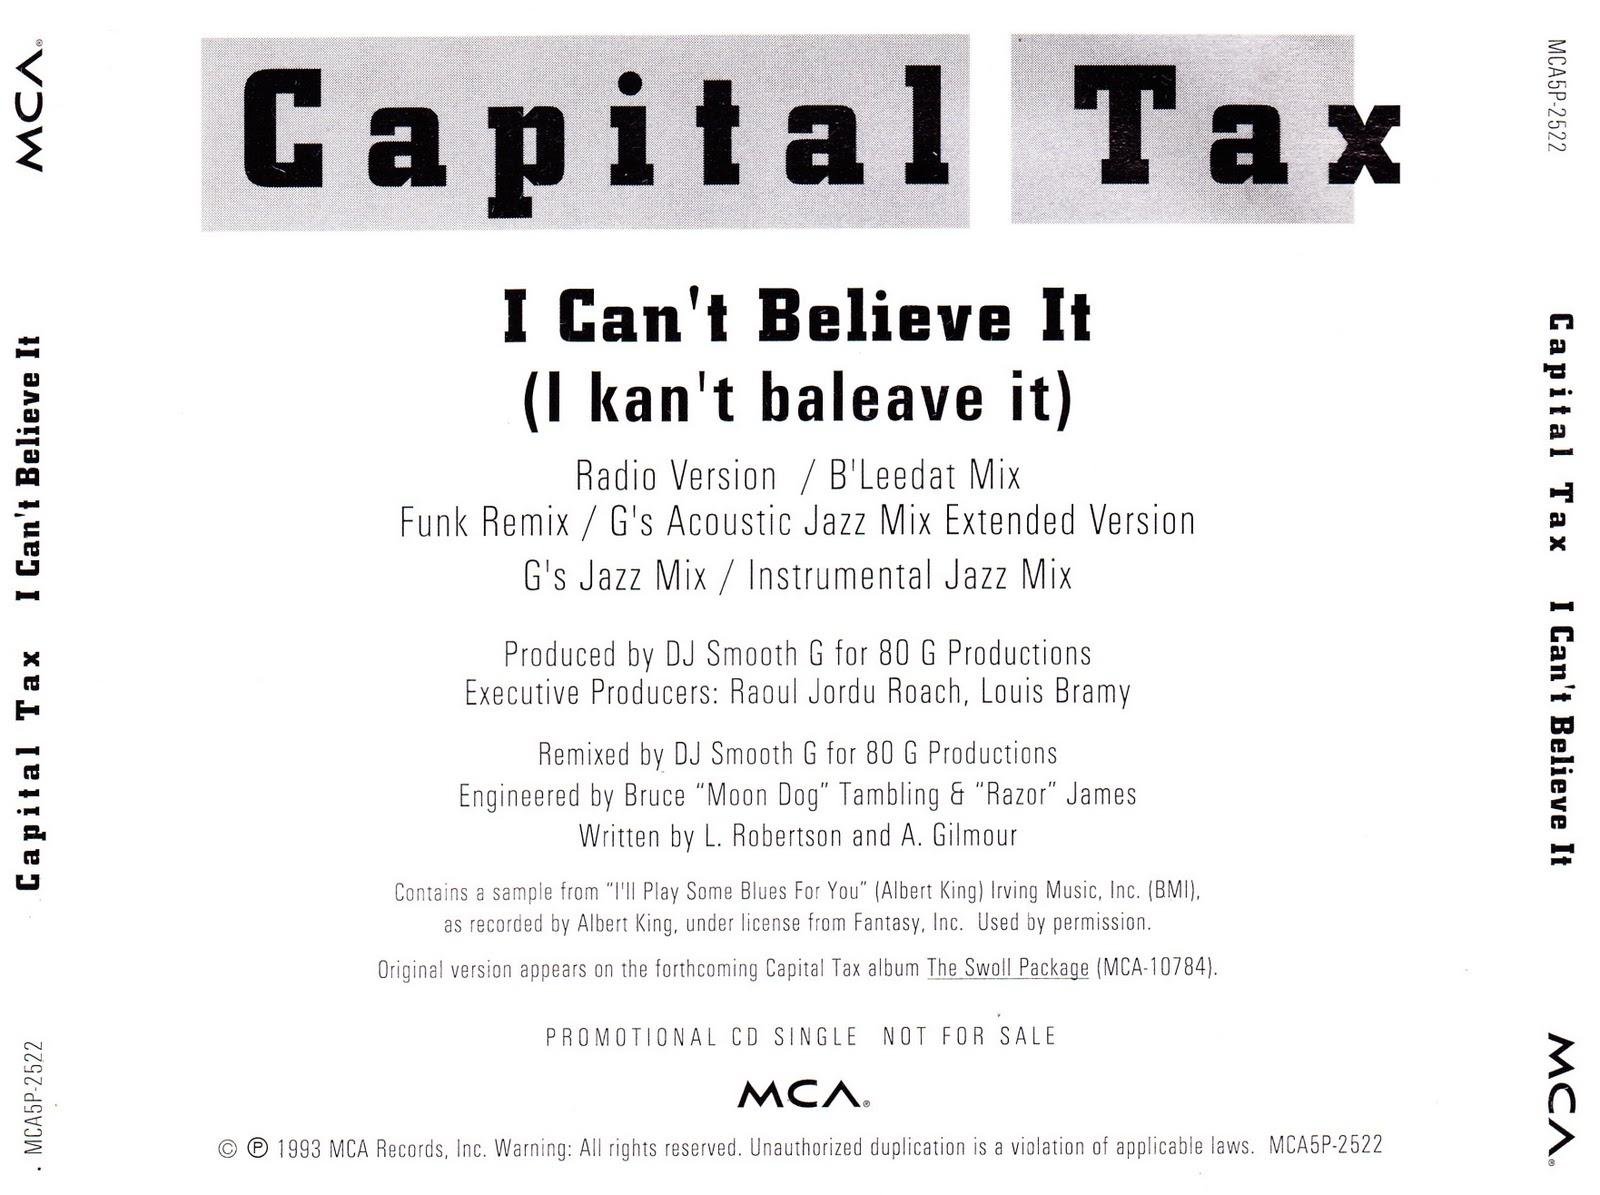 http://4.bp.blogspot.com/-Surbvvq5zys/TrYGB8bXtXI/AAAAAAAAC1M/HAUtdBBdQQU/s1600/Capital+Tax+I+CaBA.jpg